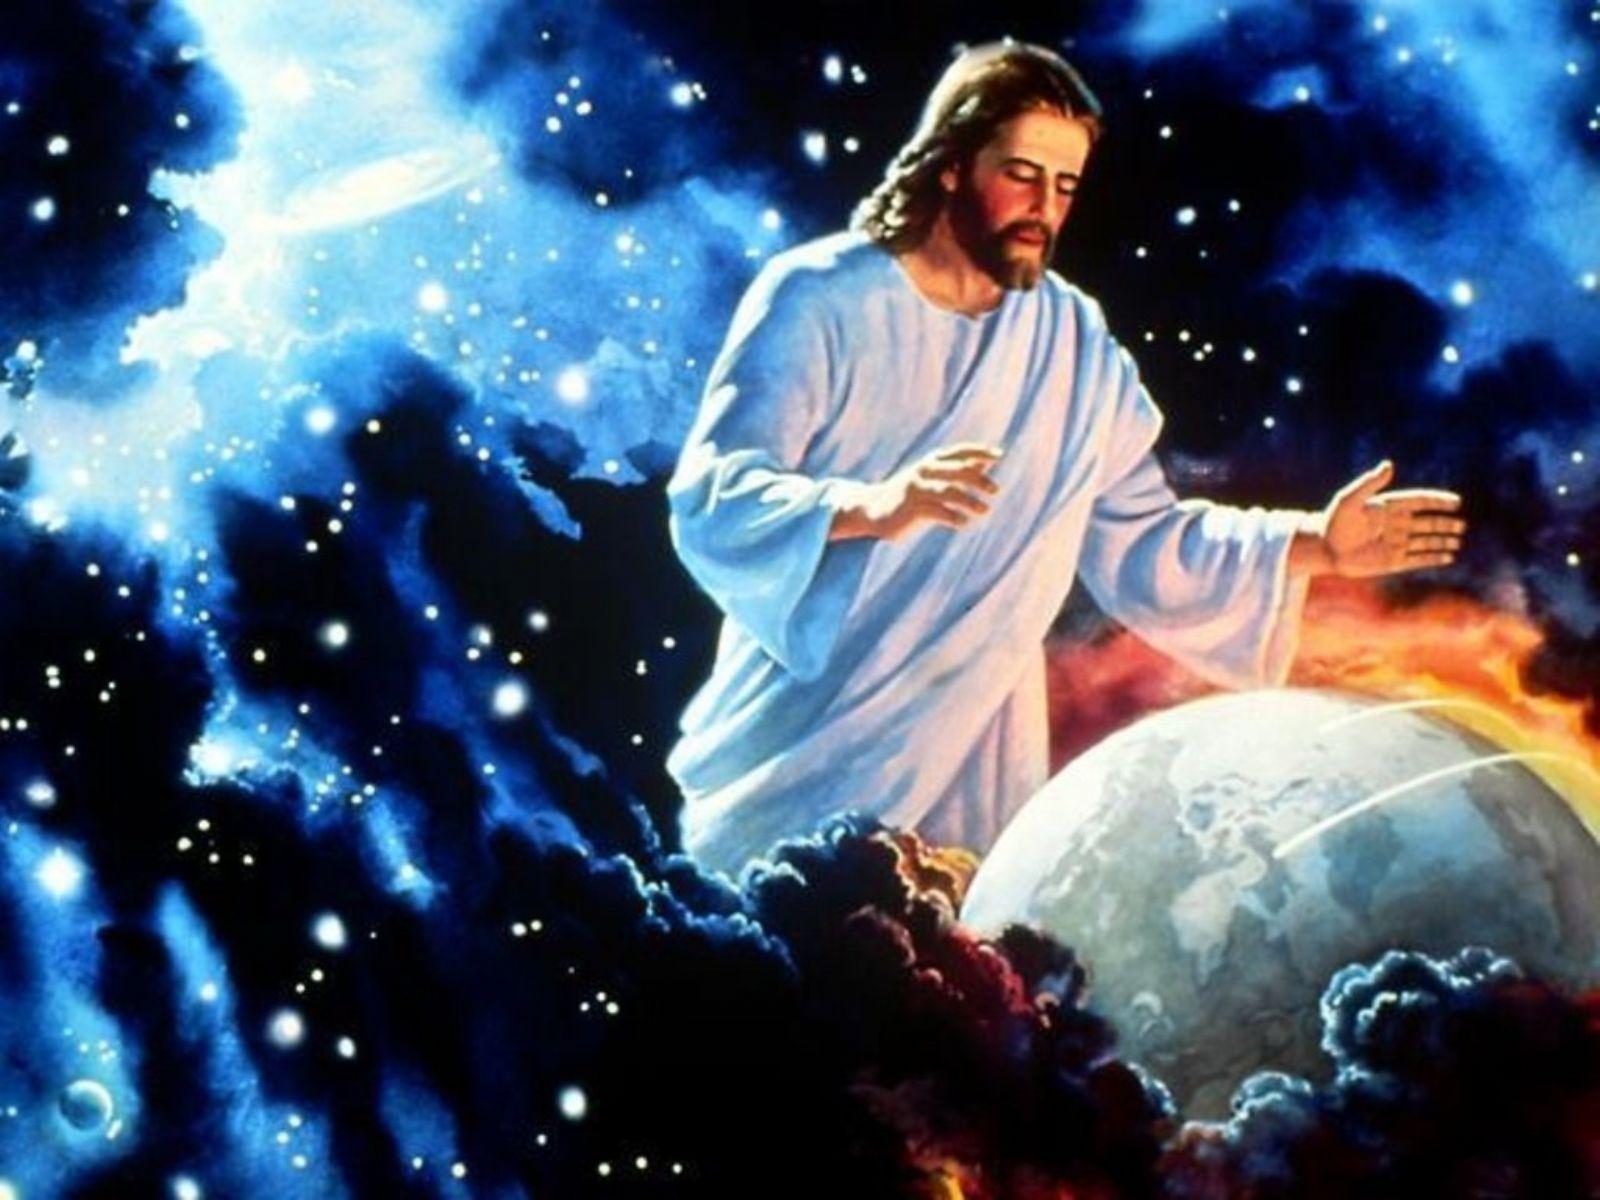 Судный день наступит в 2019 году: в новом пророчестве из Библии названа окончательная дата апокалипсиса